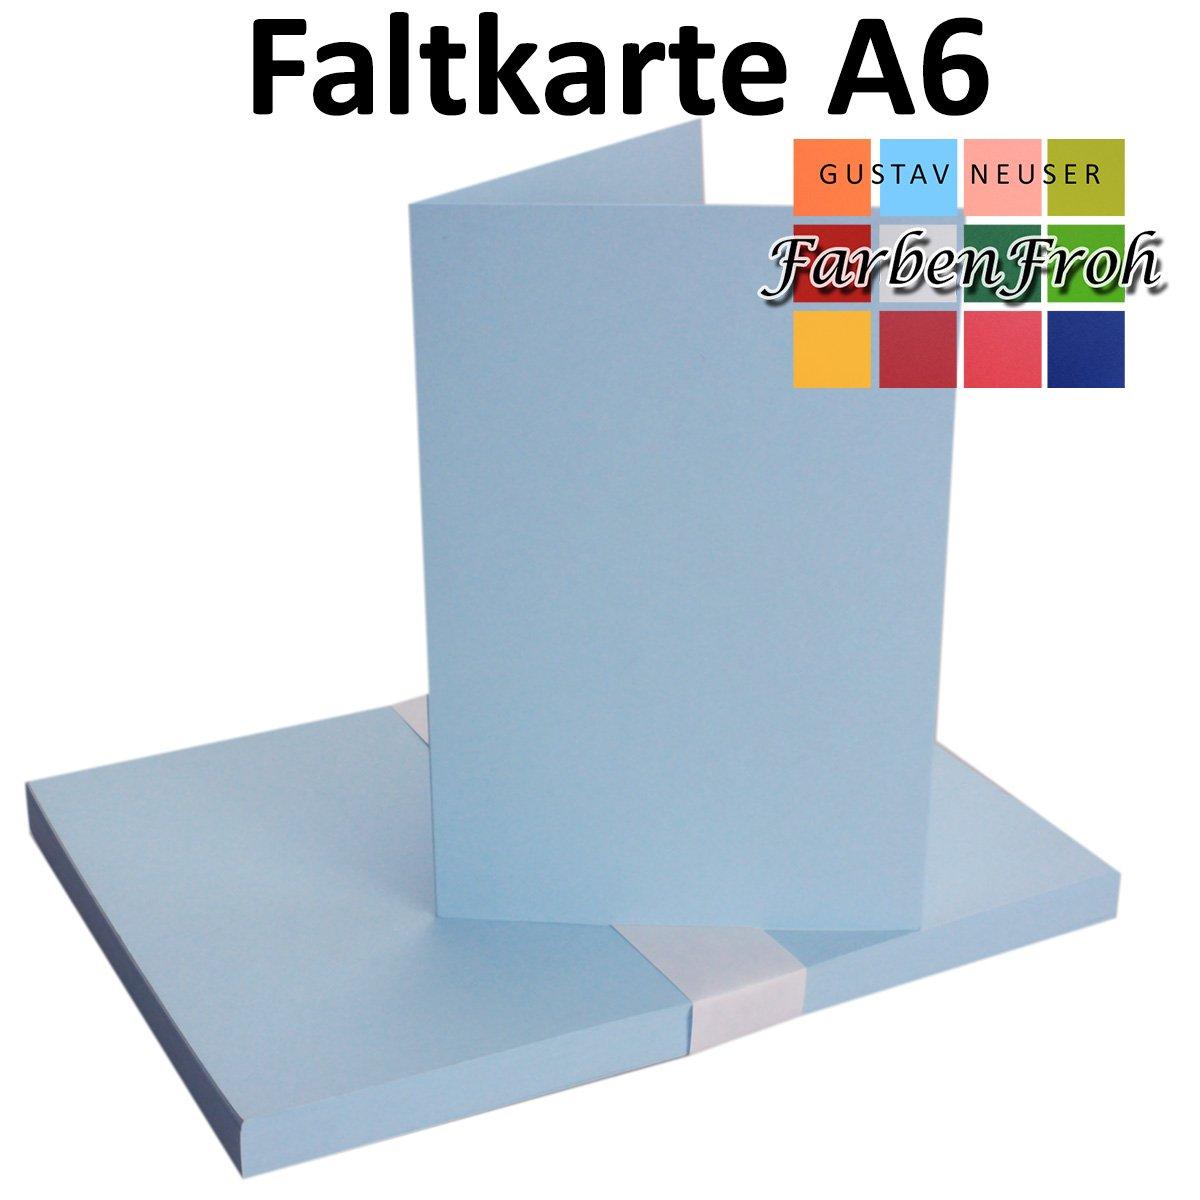 250x Falt-Karten DIN A6 Blanko Blanko Blanko Doppel-Karten in Hochweiß Kristallweiß -10,5 x 14,8 cm   Premium Qualität   FarbenFroh® B079VHX97H | Hohe Qualität  6dd480